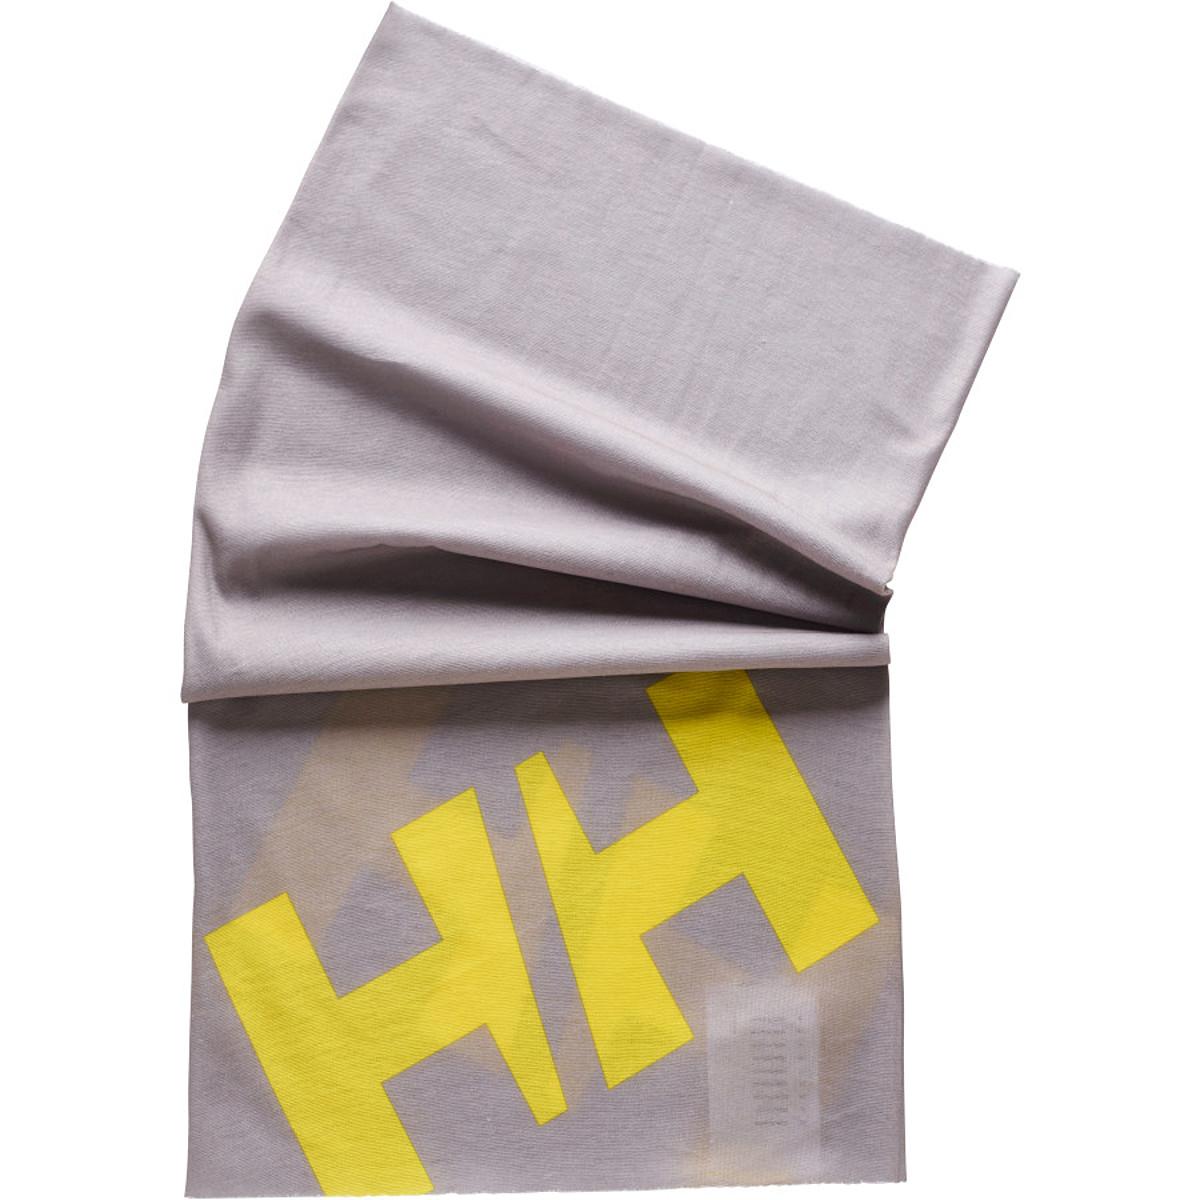 Helly Hansen HH Neck